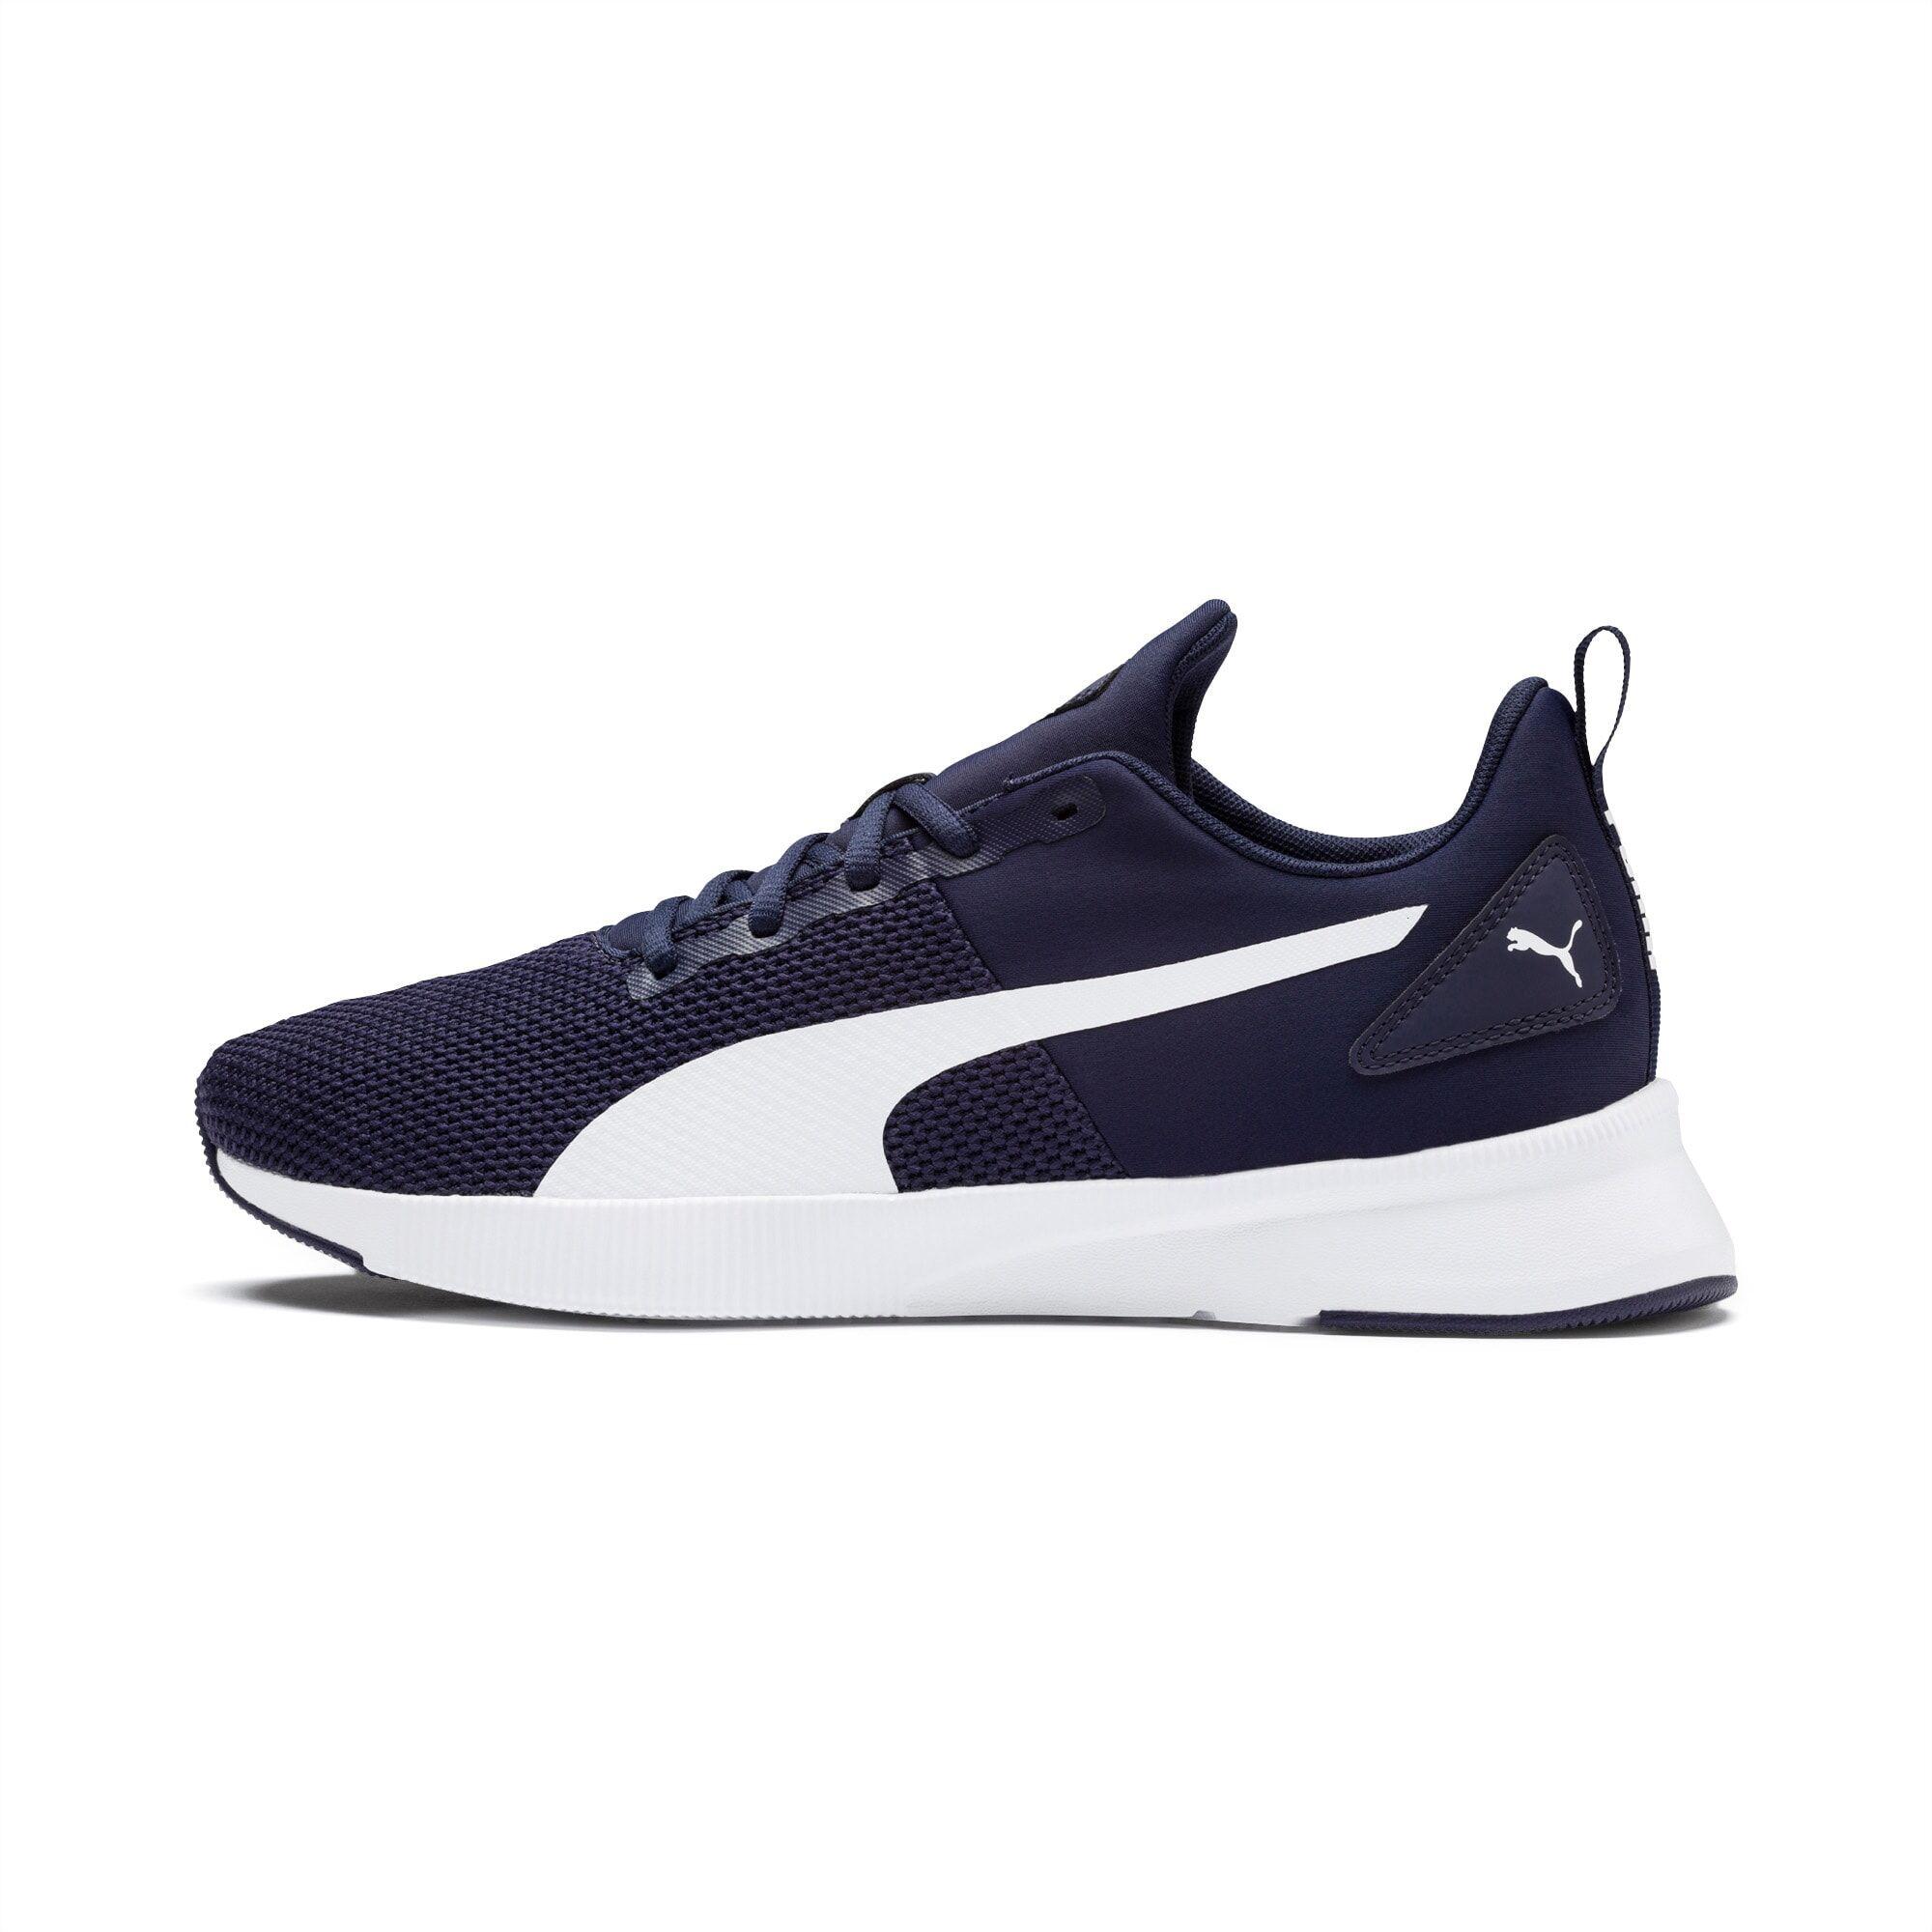 PUMA Chaussure de course Flyer Runner, Bleu/Blanc, Taille 38, Chaussures